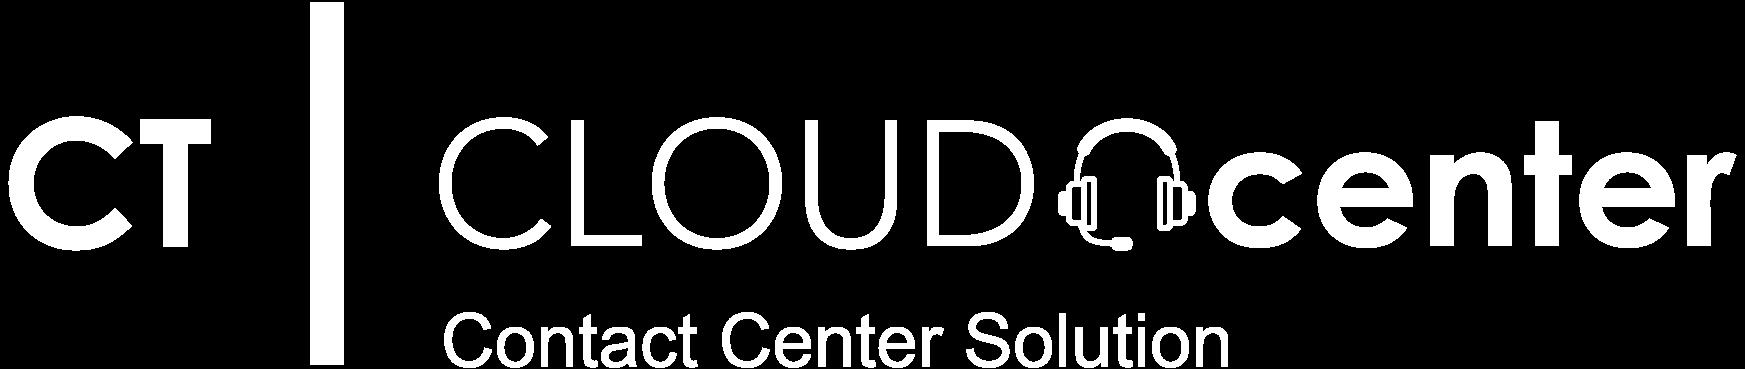 CT Cloud Contact Center